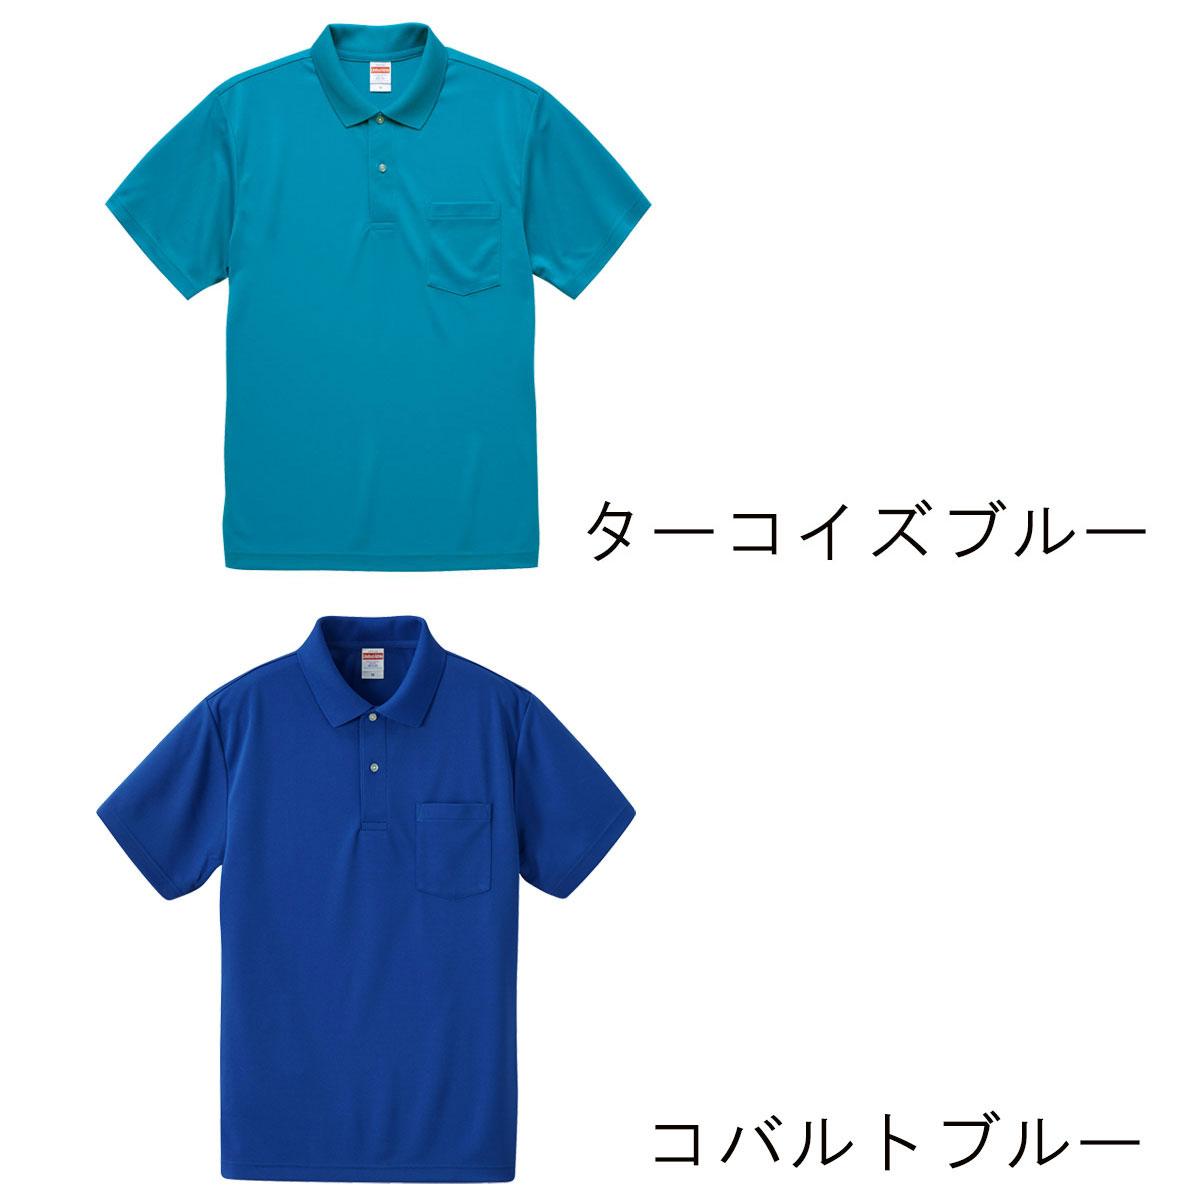 ドライアスレチック ポロシャツ ポケット付